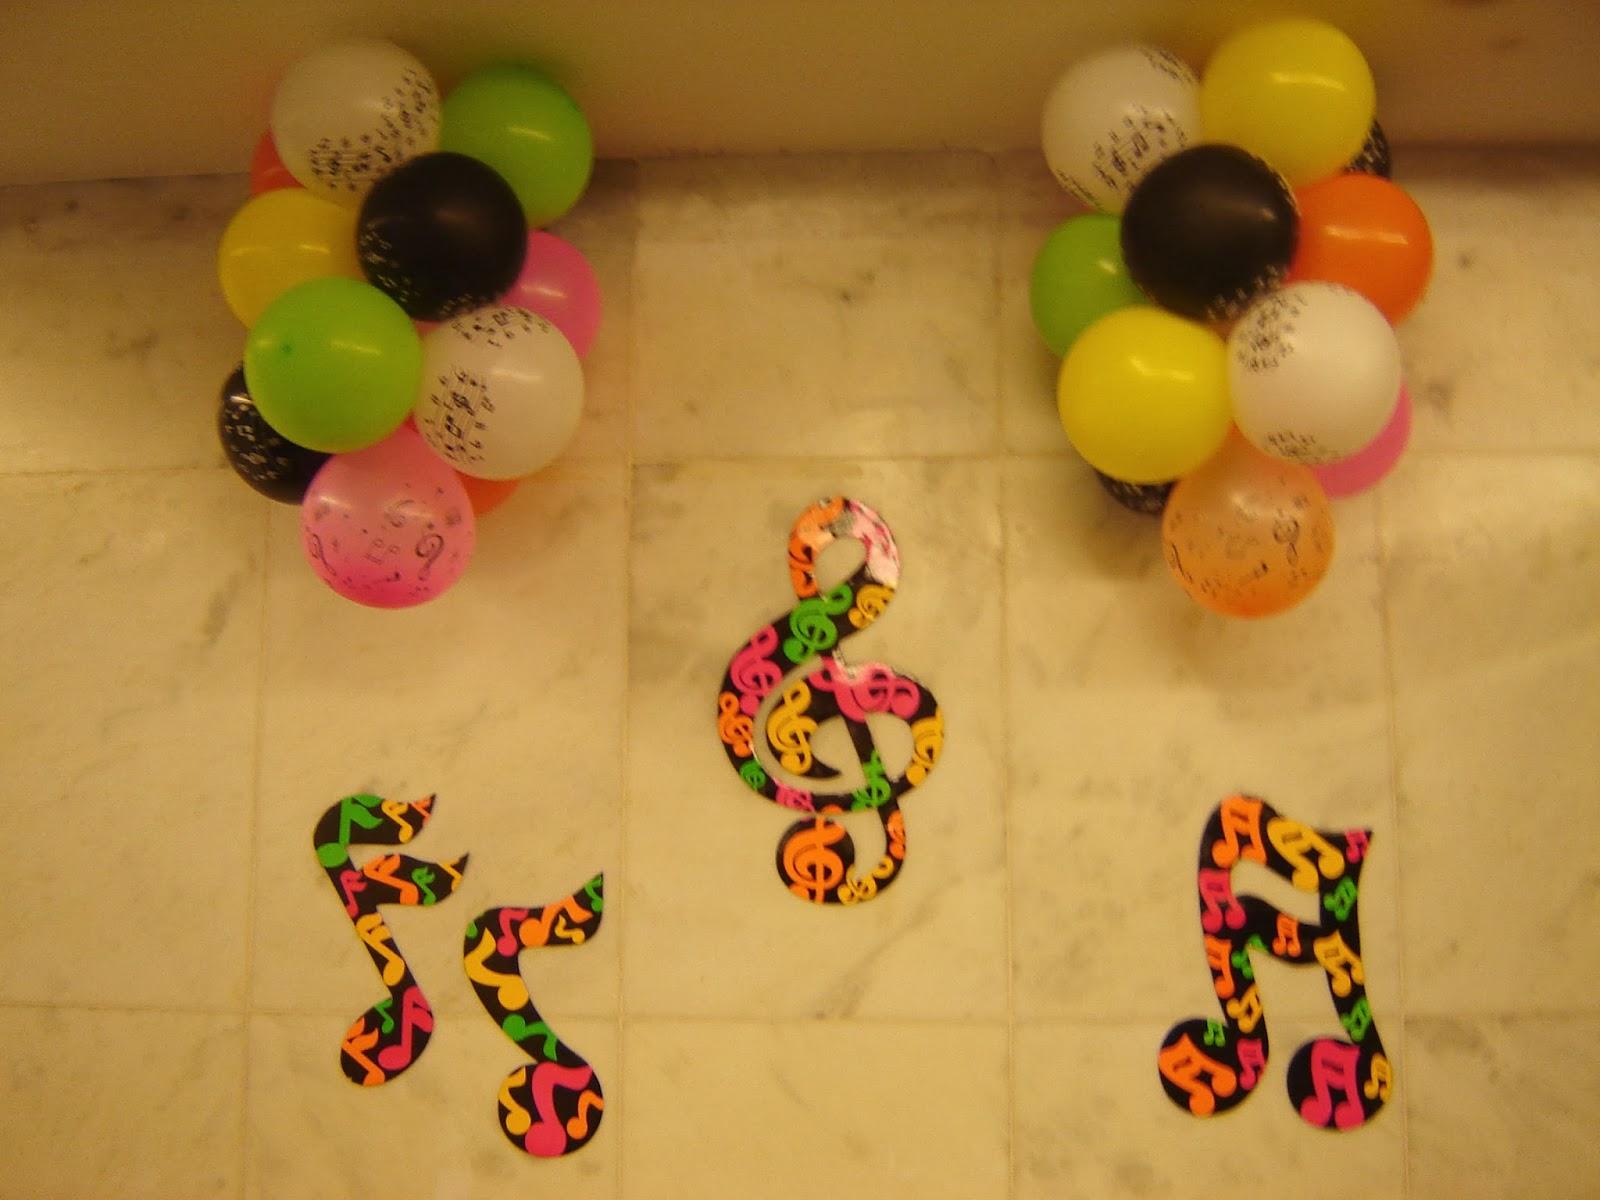 decoracao festa retro : decoracao festa retro:Priscila Arte em balões: Decoração Festa Retro